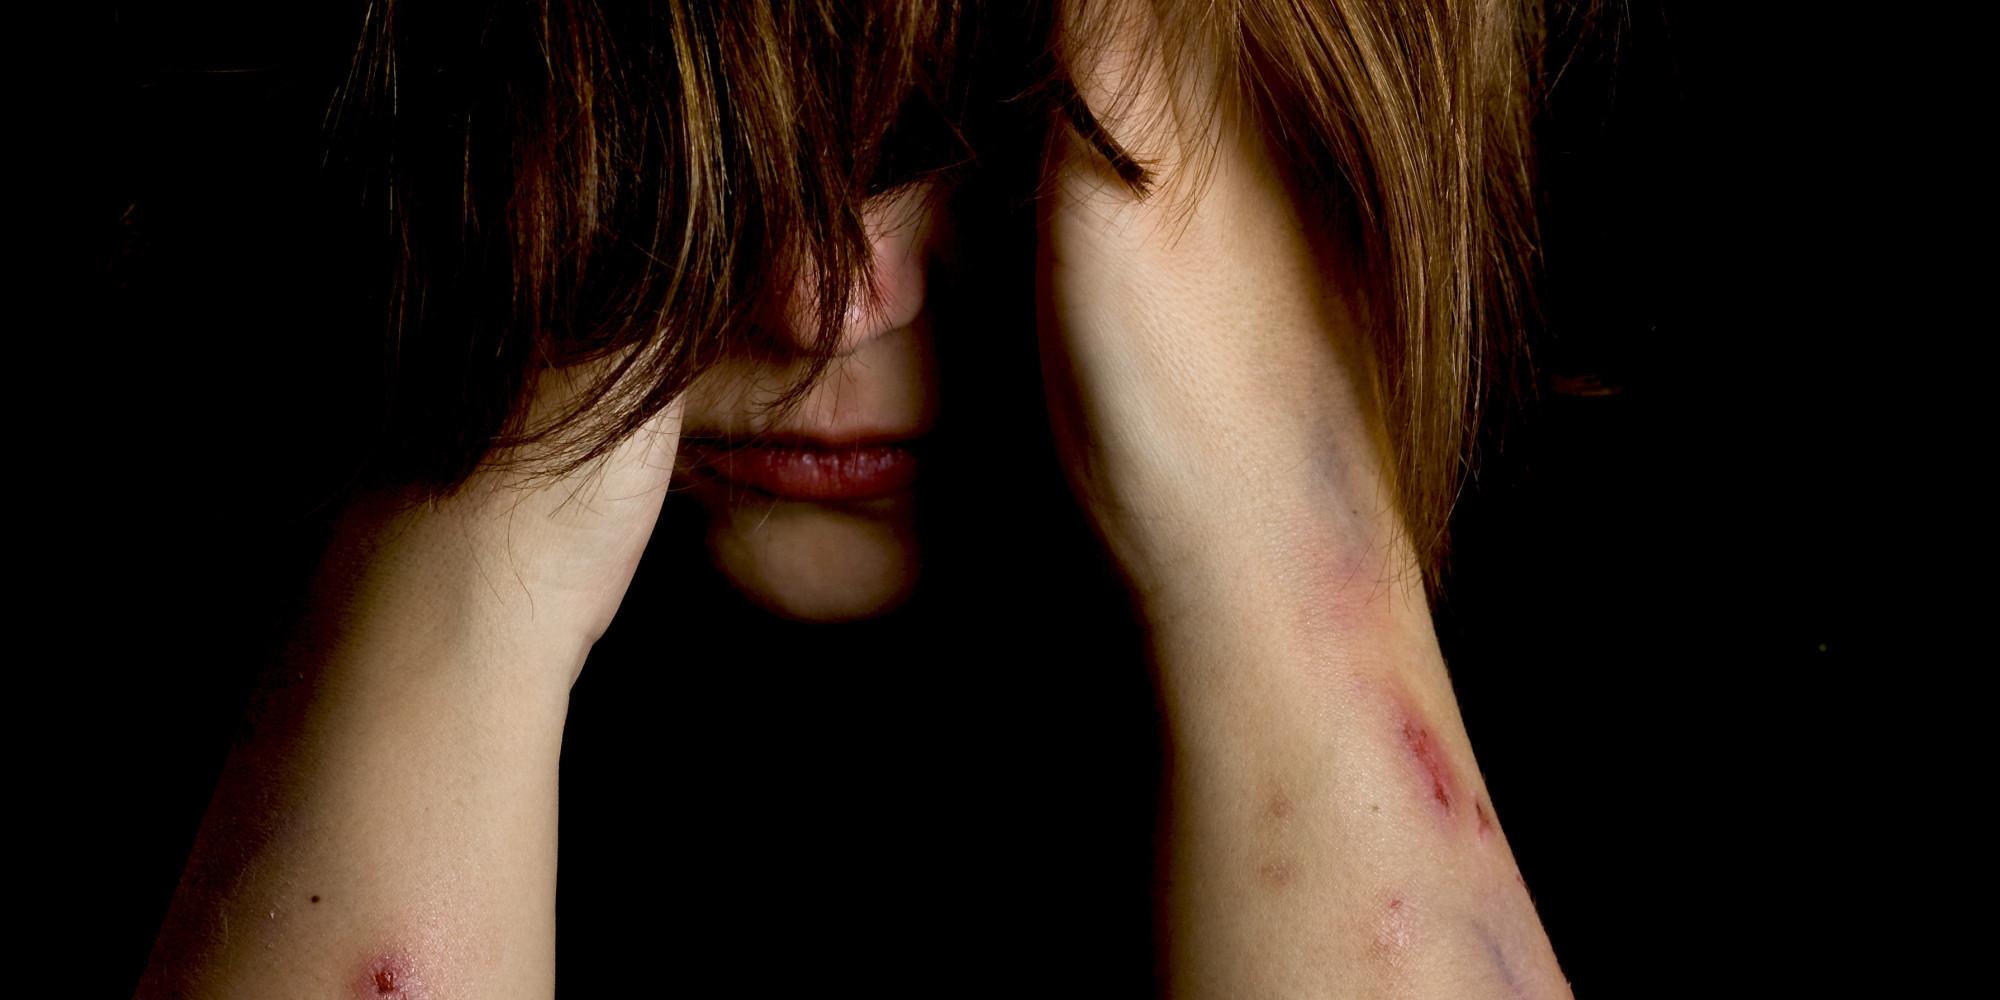 País registra 10 estupros coletivos por dia; notificações dobram em 5 anos